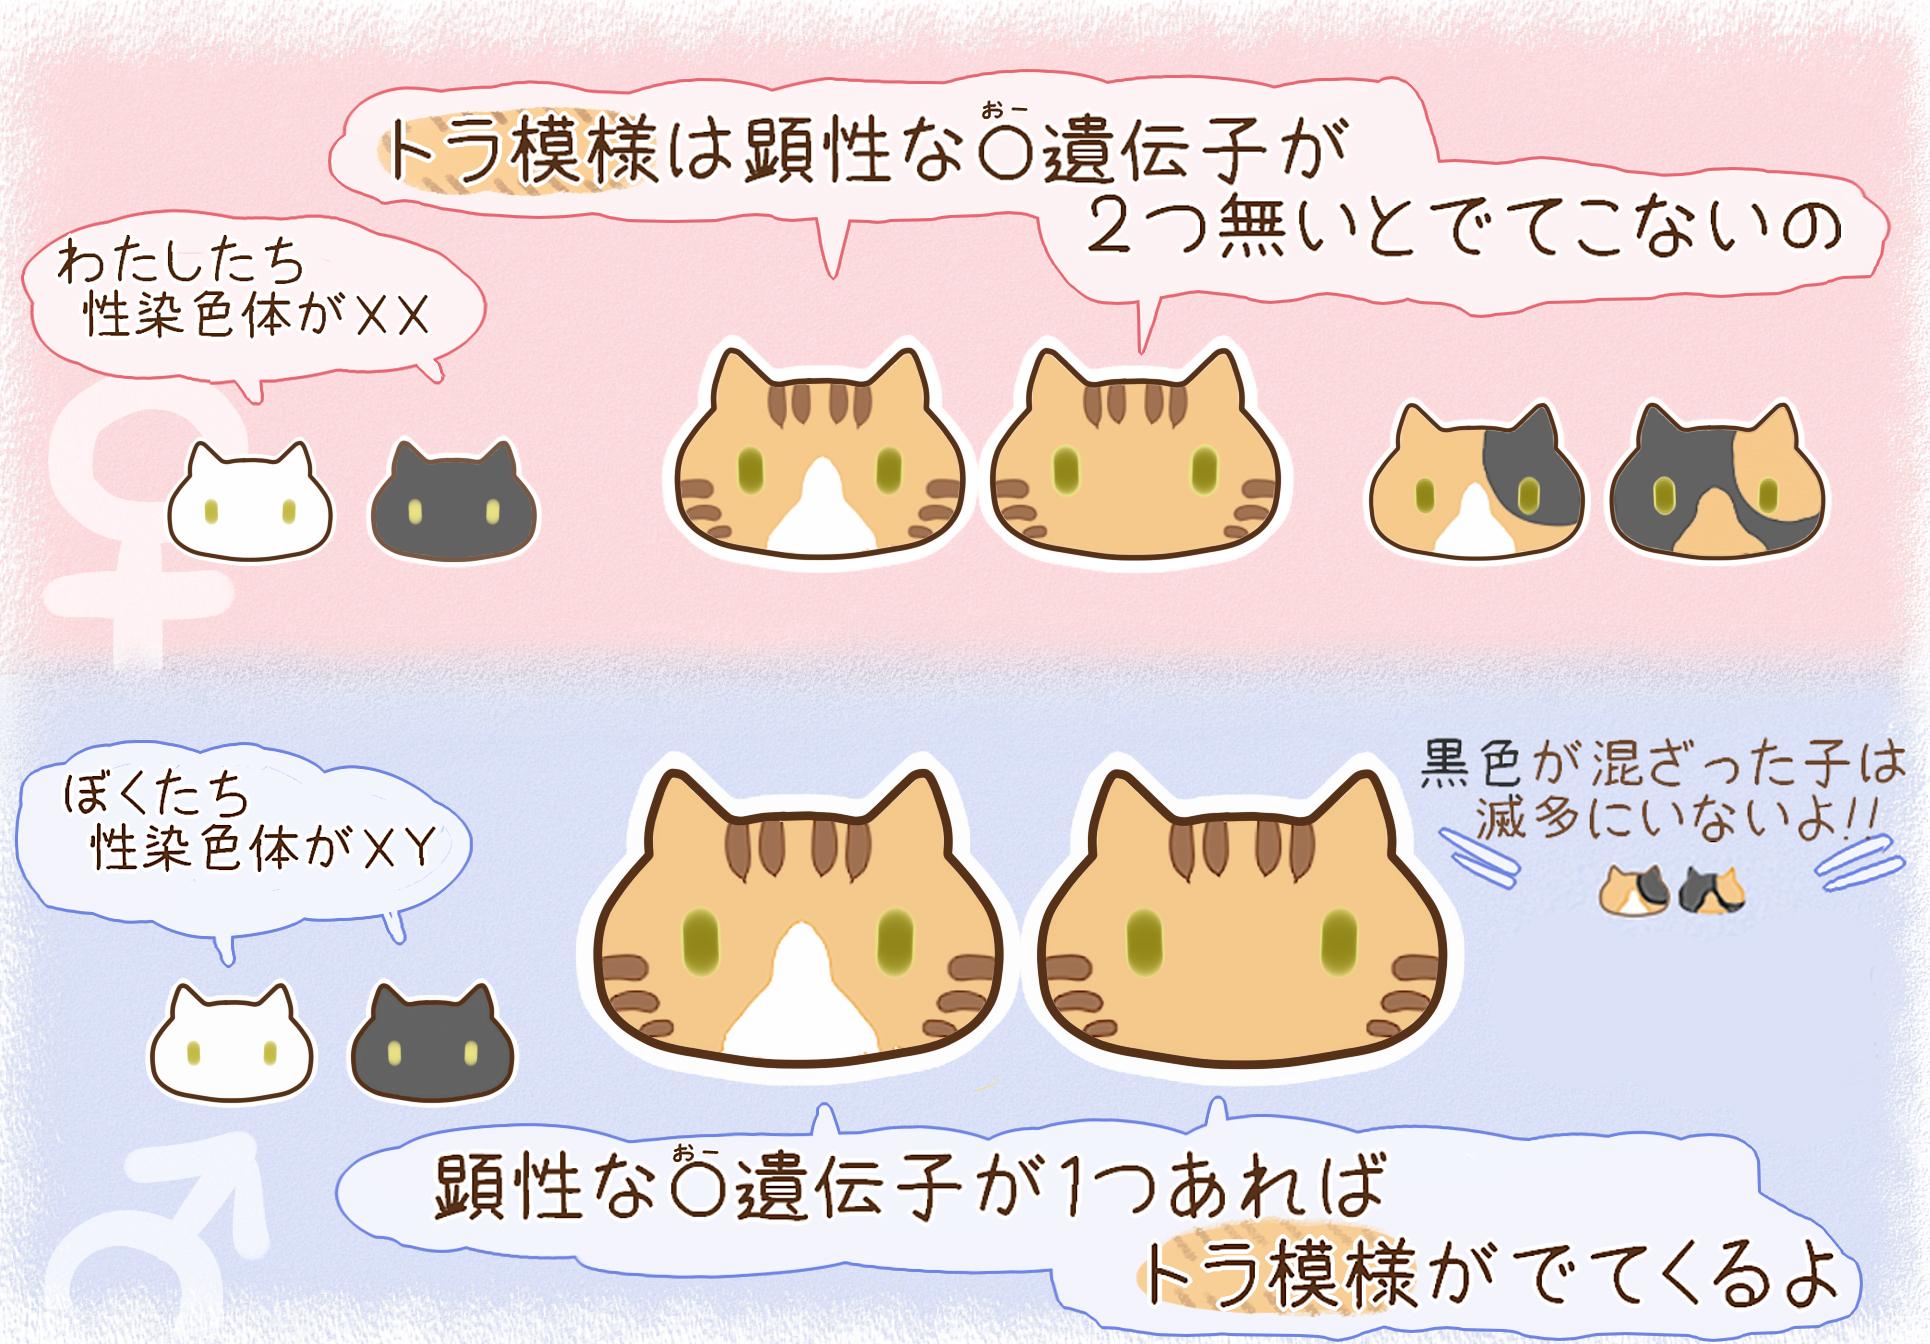 ネコの染色体09282